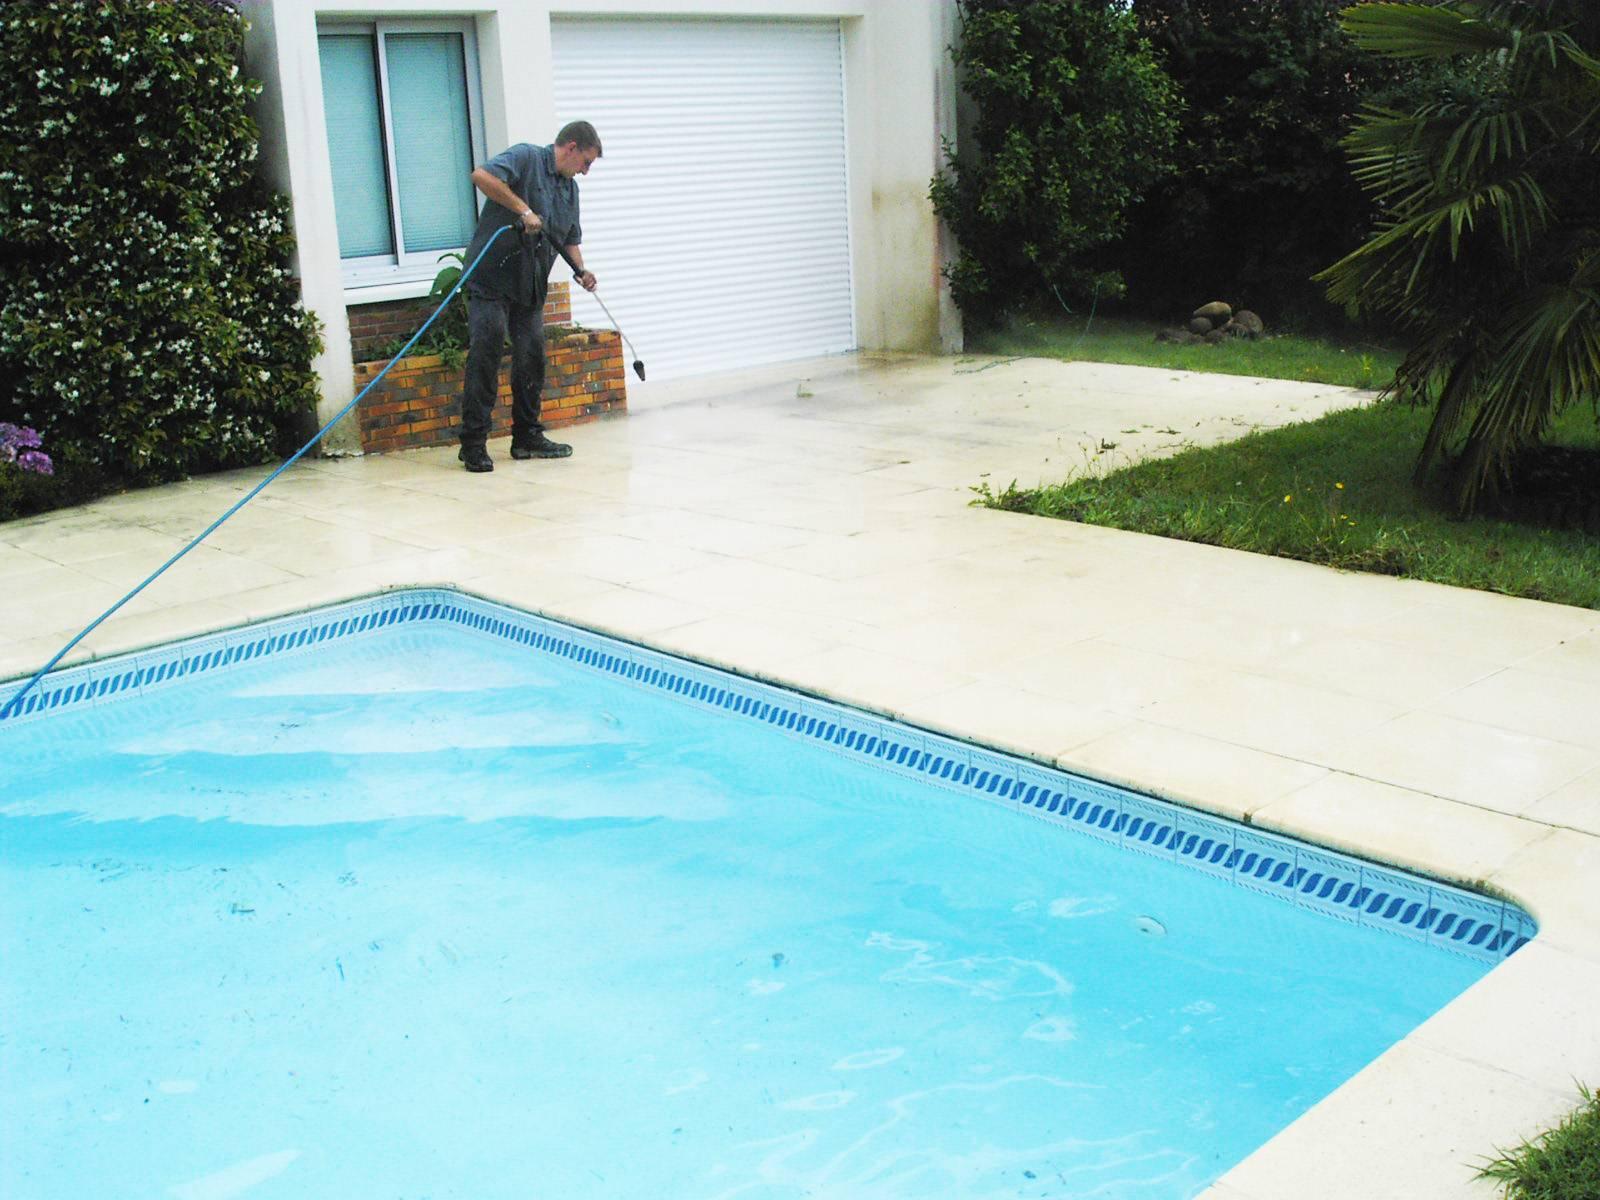 Nettoyage Dalle Piscine Javel nettoyage de dalles de piscine efficace bordeaux en gironde